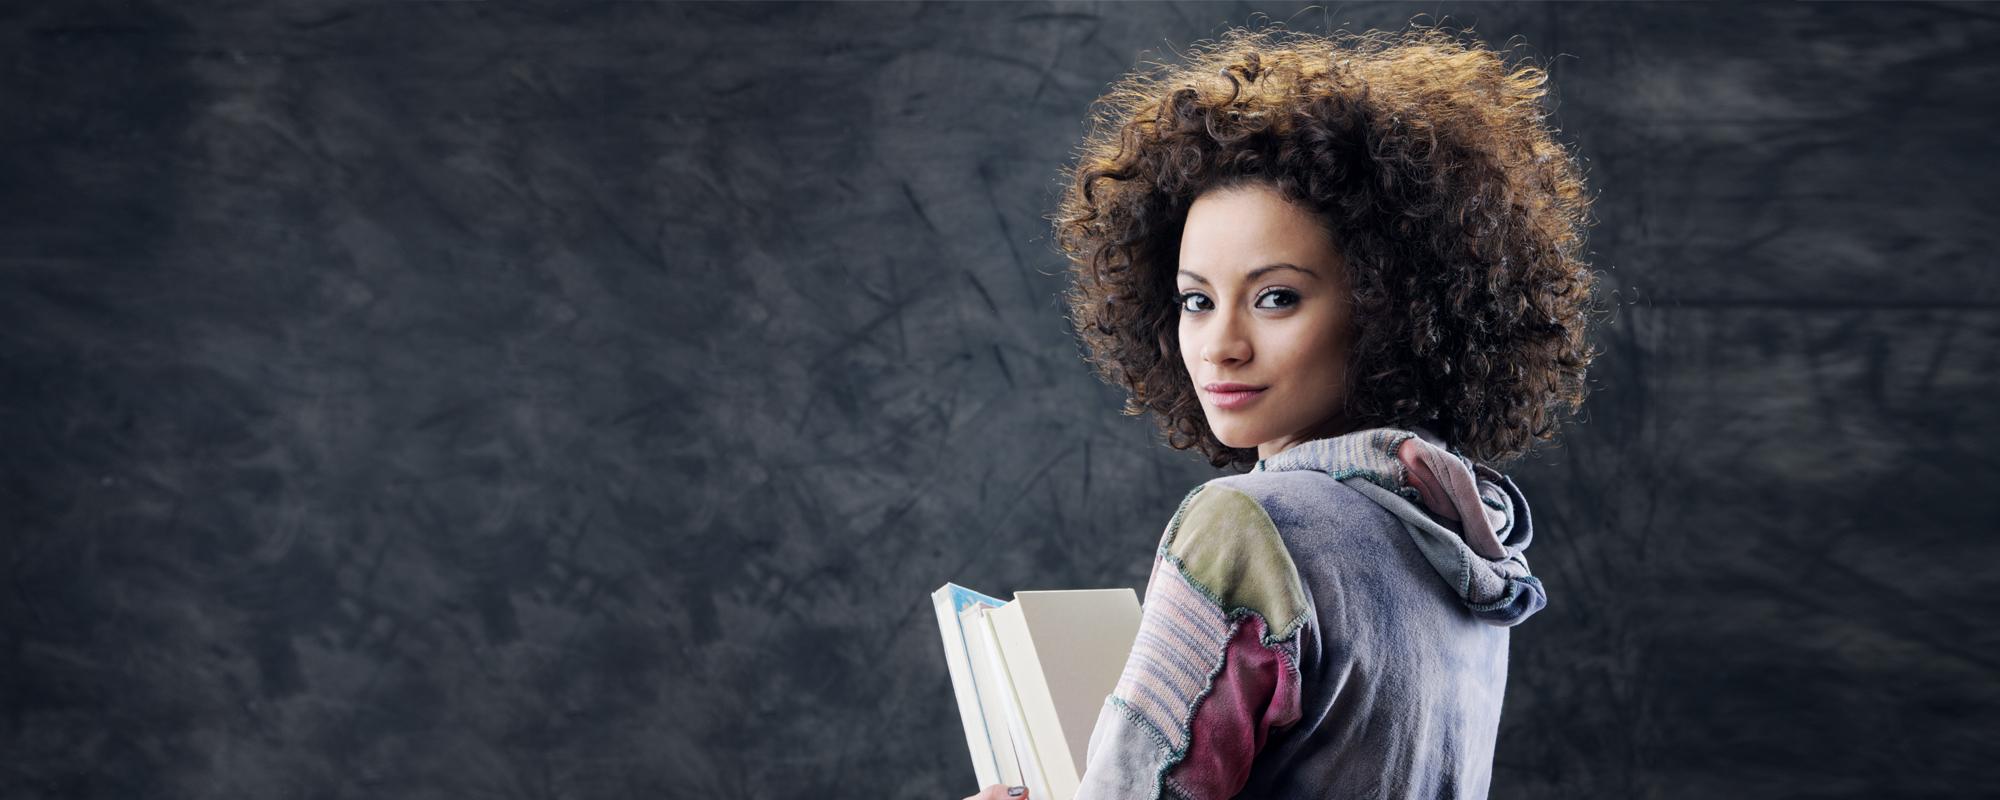 Bachelor's Degree Program - Westford University College, Dubai, Sharjah, Jeddah, Riyadh, UAE, KSA